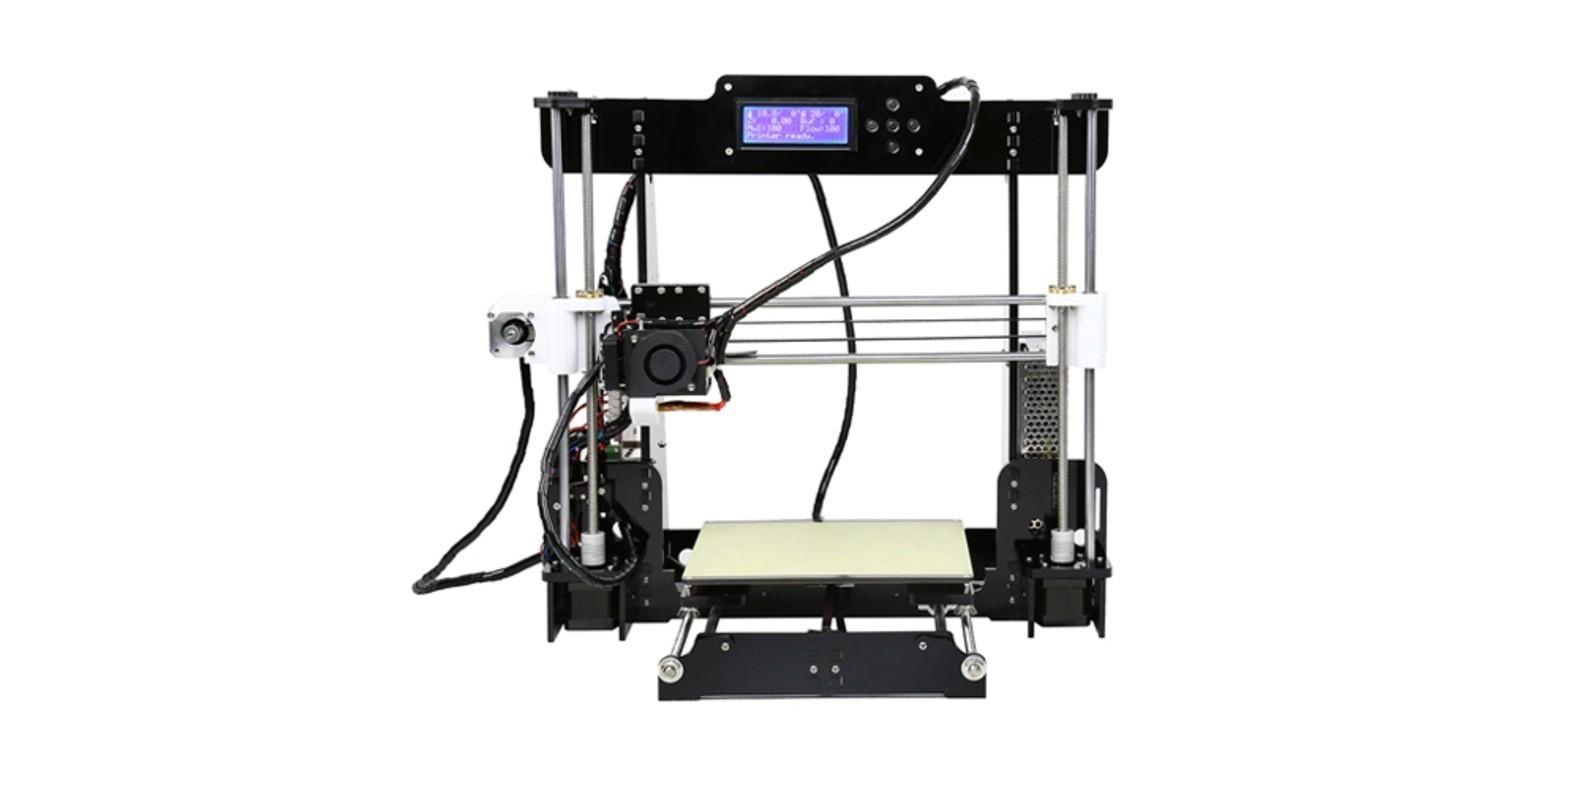 Anet A8 i3 Imprimante 3D